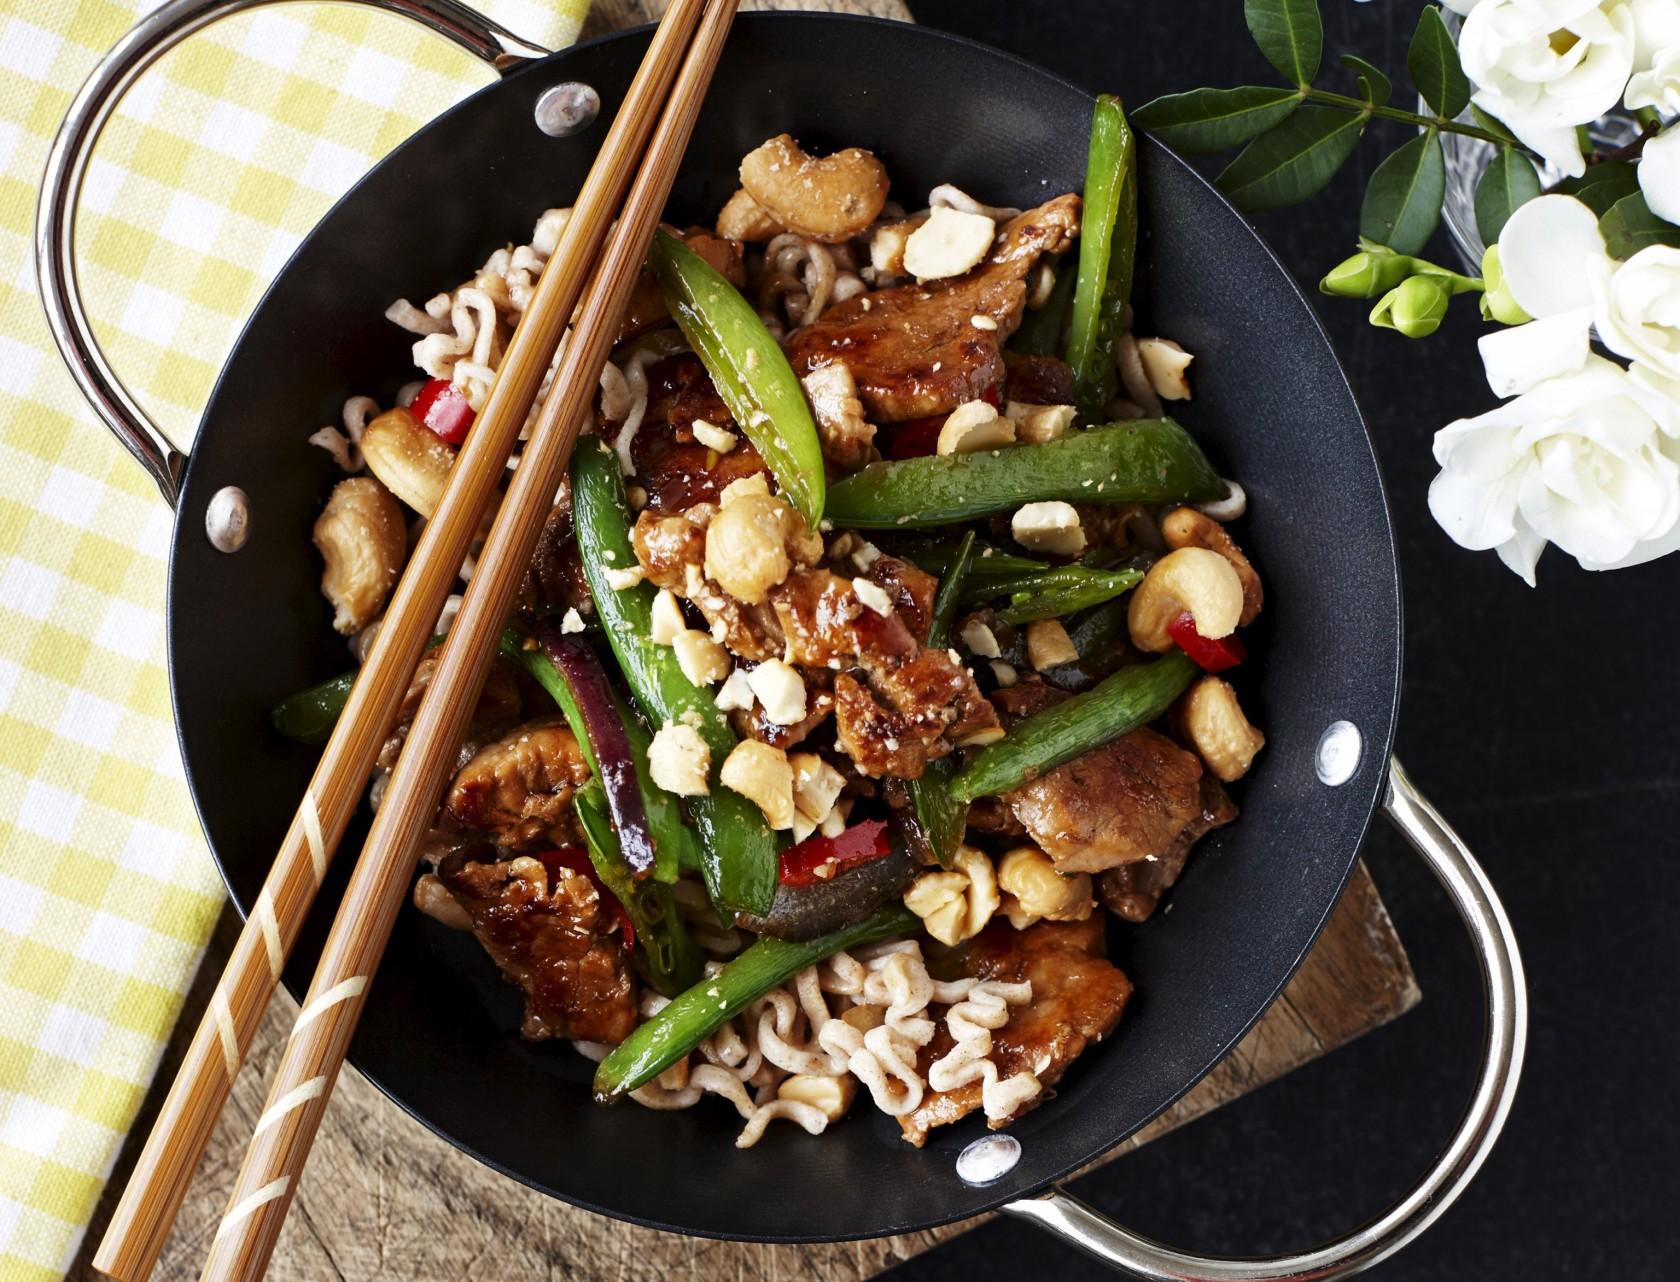 Svinemørbrad i wok med sukkerærter og cashewnødder - god opskrift på skøn hverdagsmad.